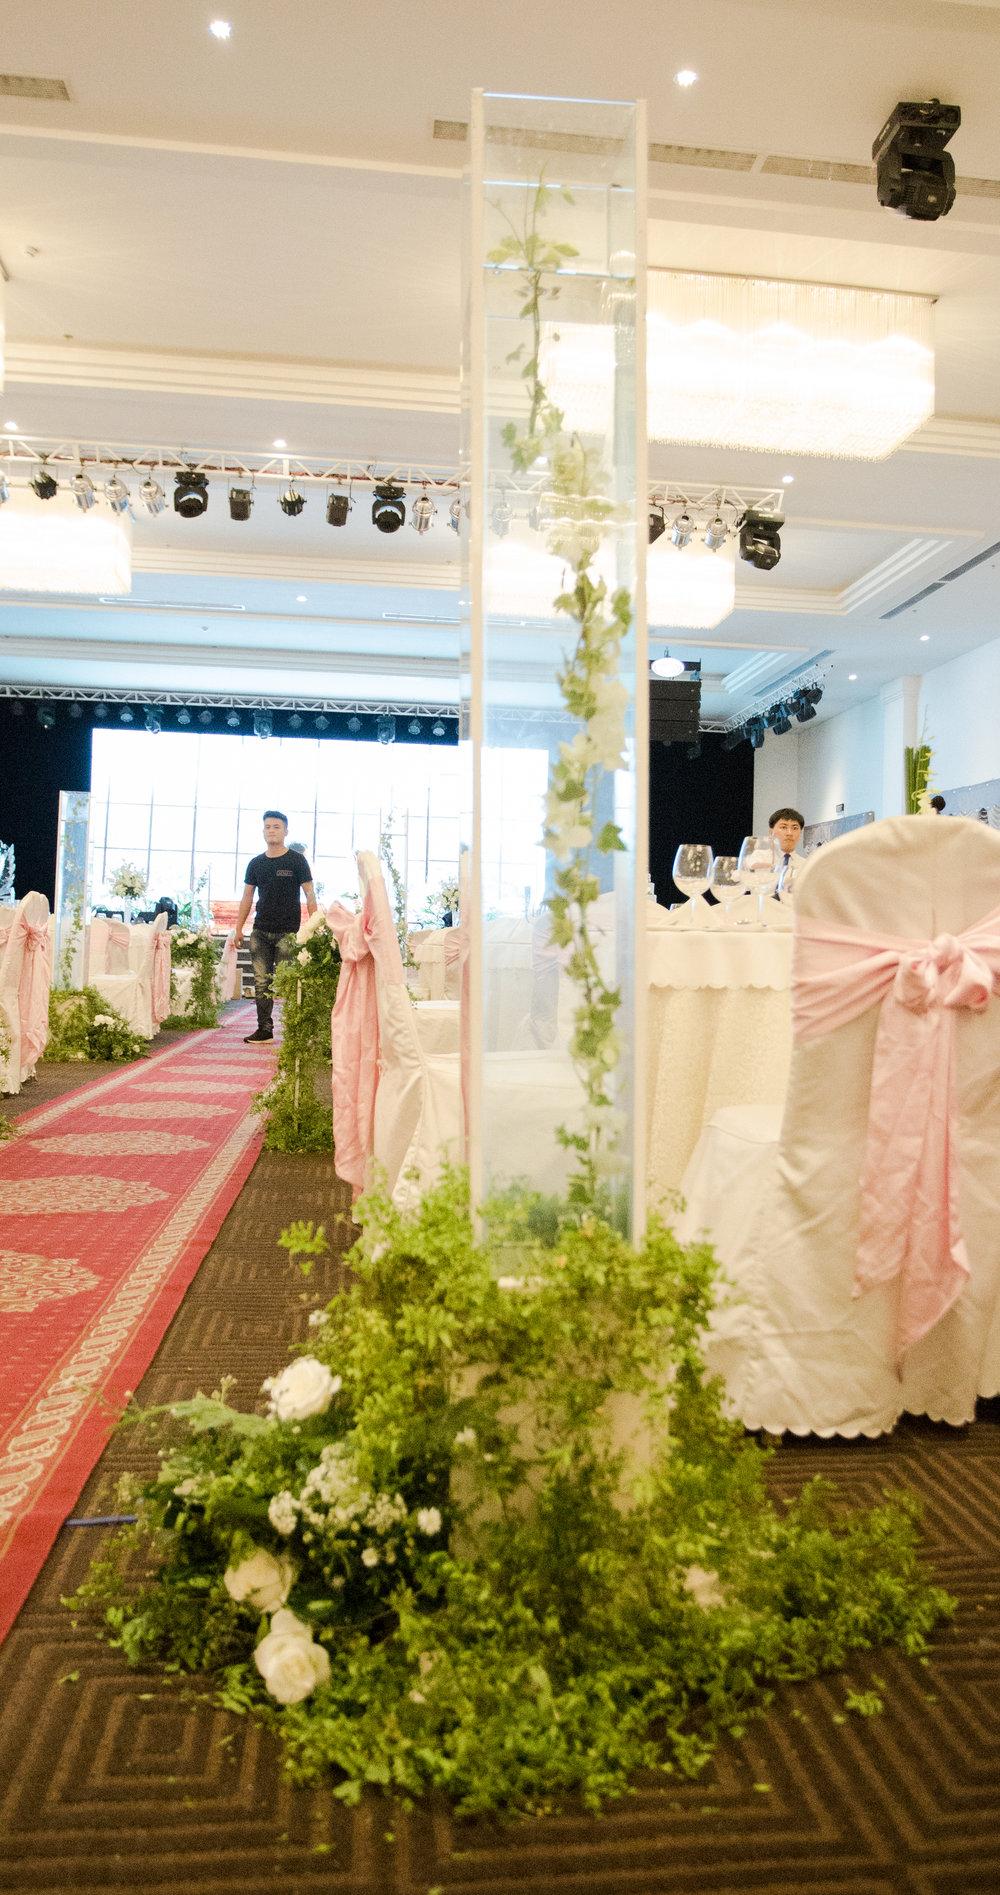 Trang trí Lối đi sân khấu đám cưới